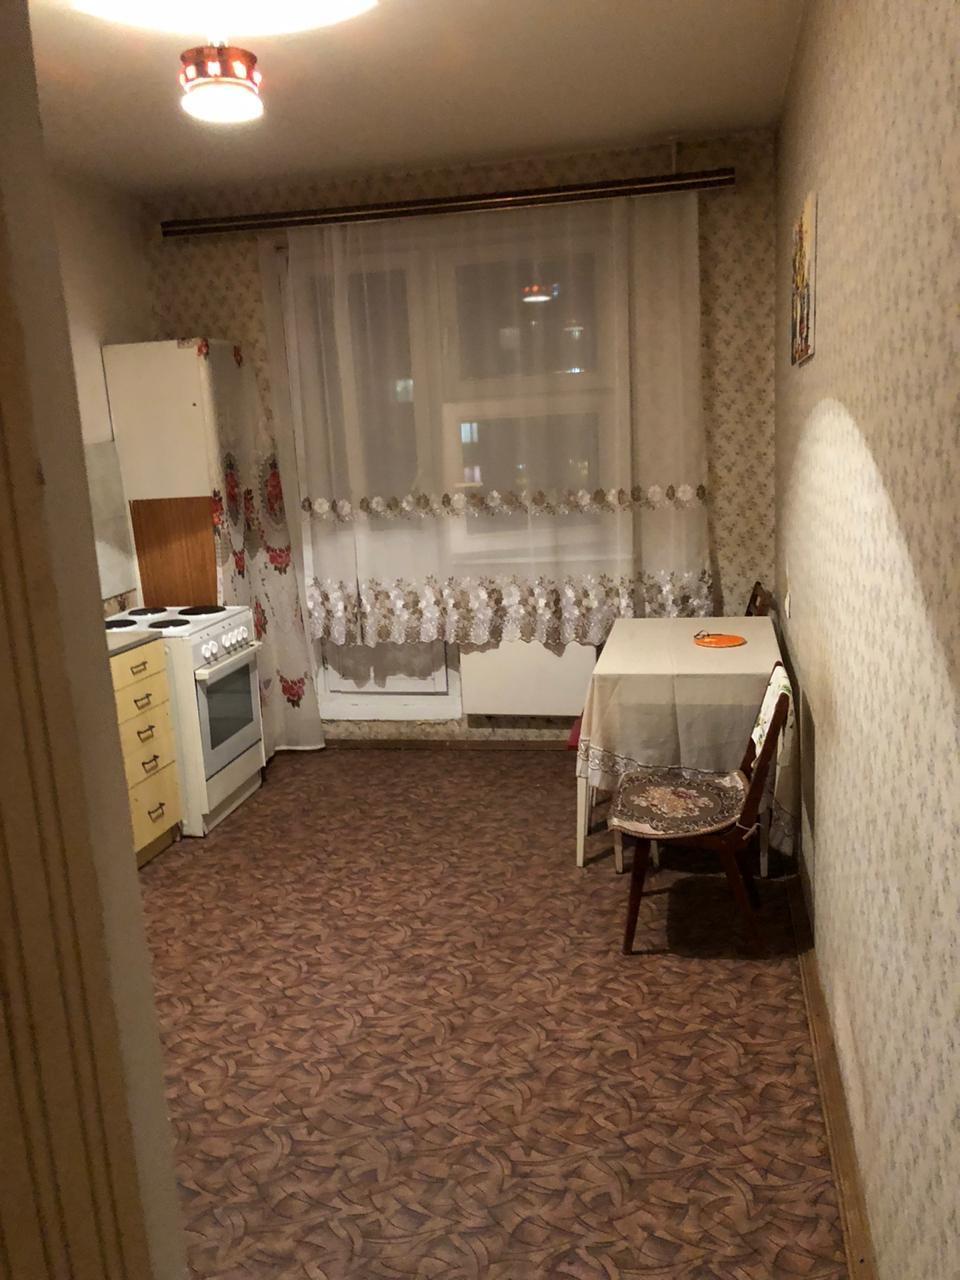 Квартира, 2 комнаты, 60 м² в Котельниках 89175341747 купить 7